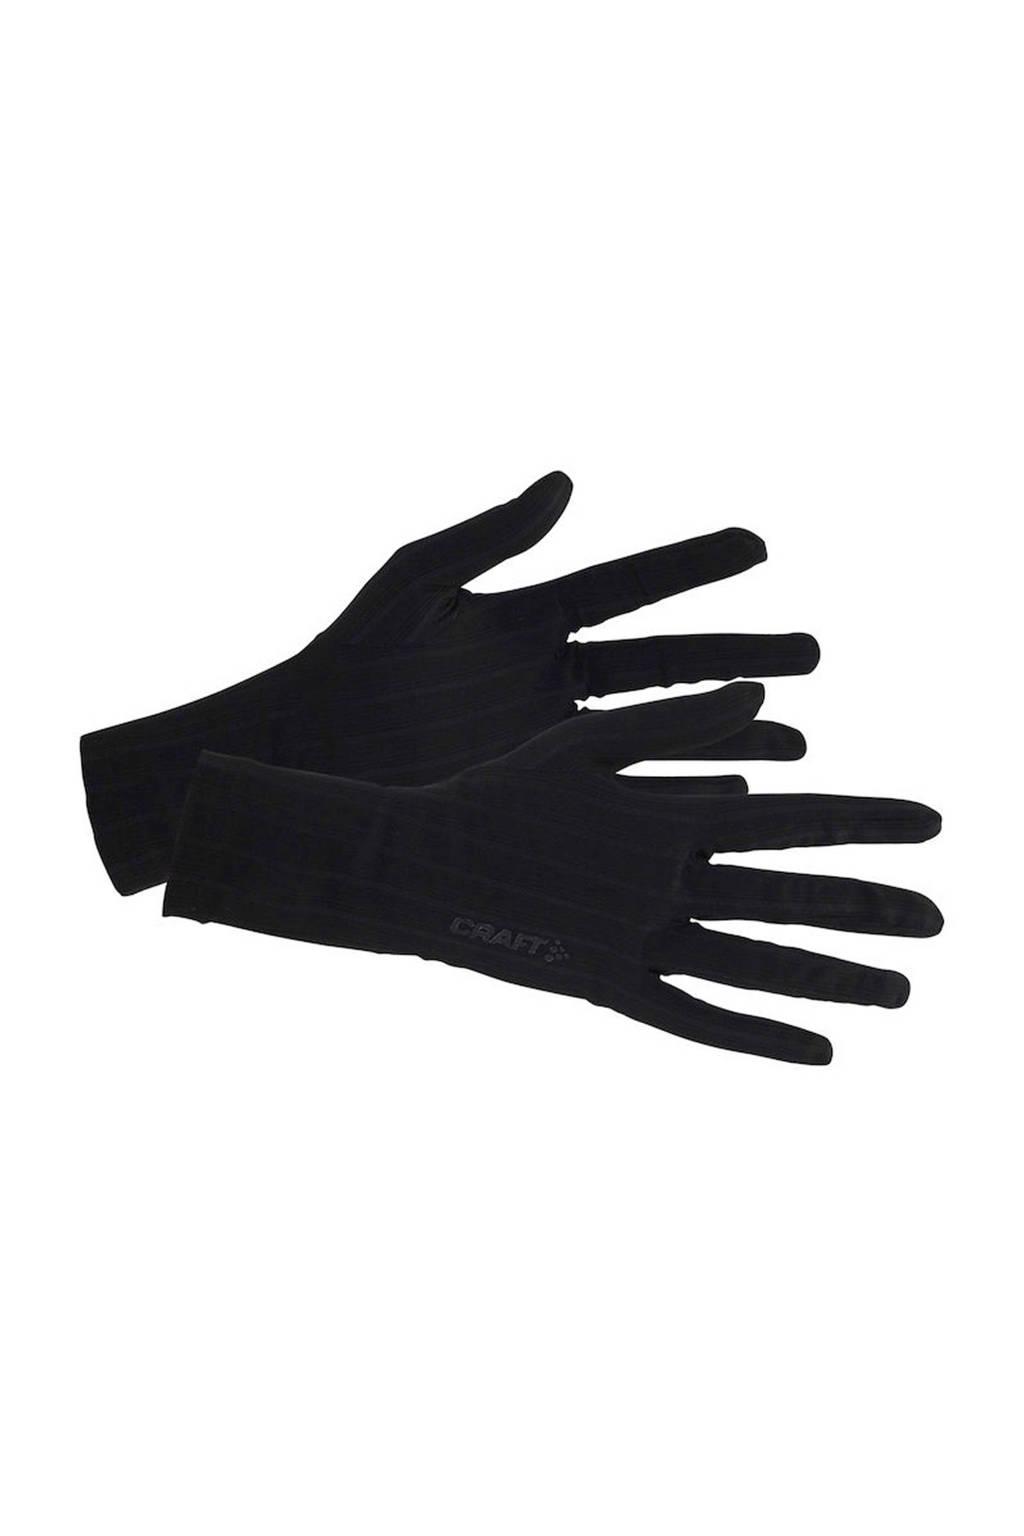 Craft   sporthandschoenen Active Extreme 2.0 zwart, Zwart